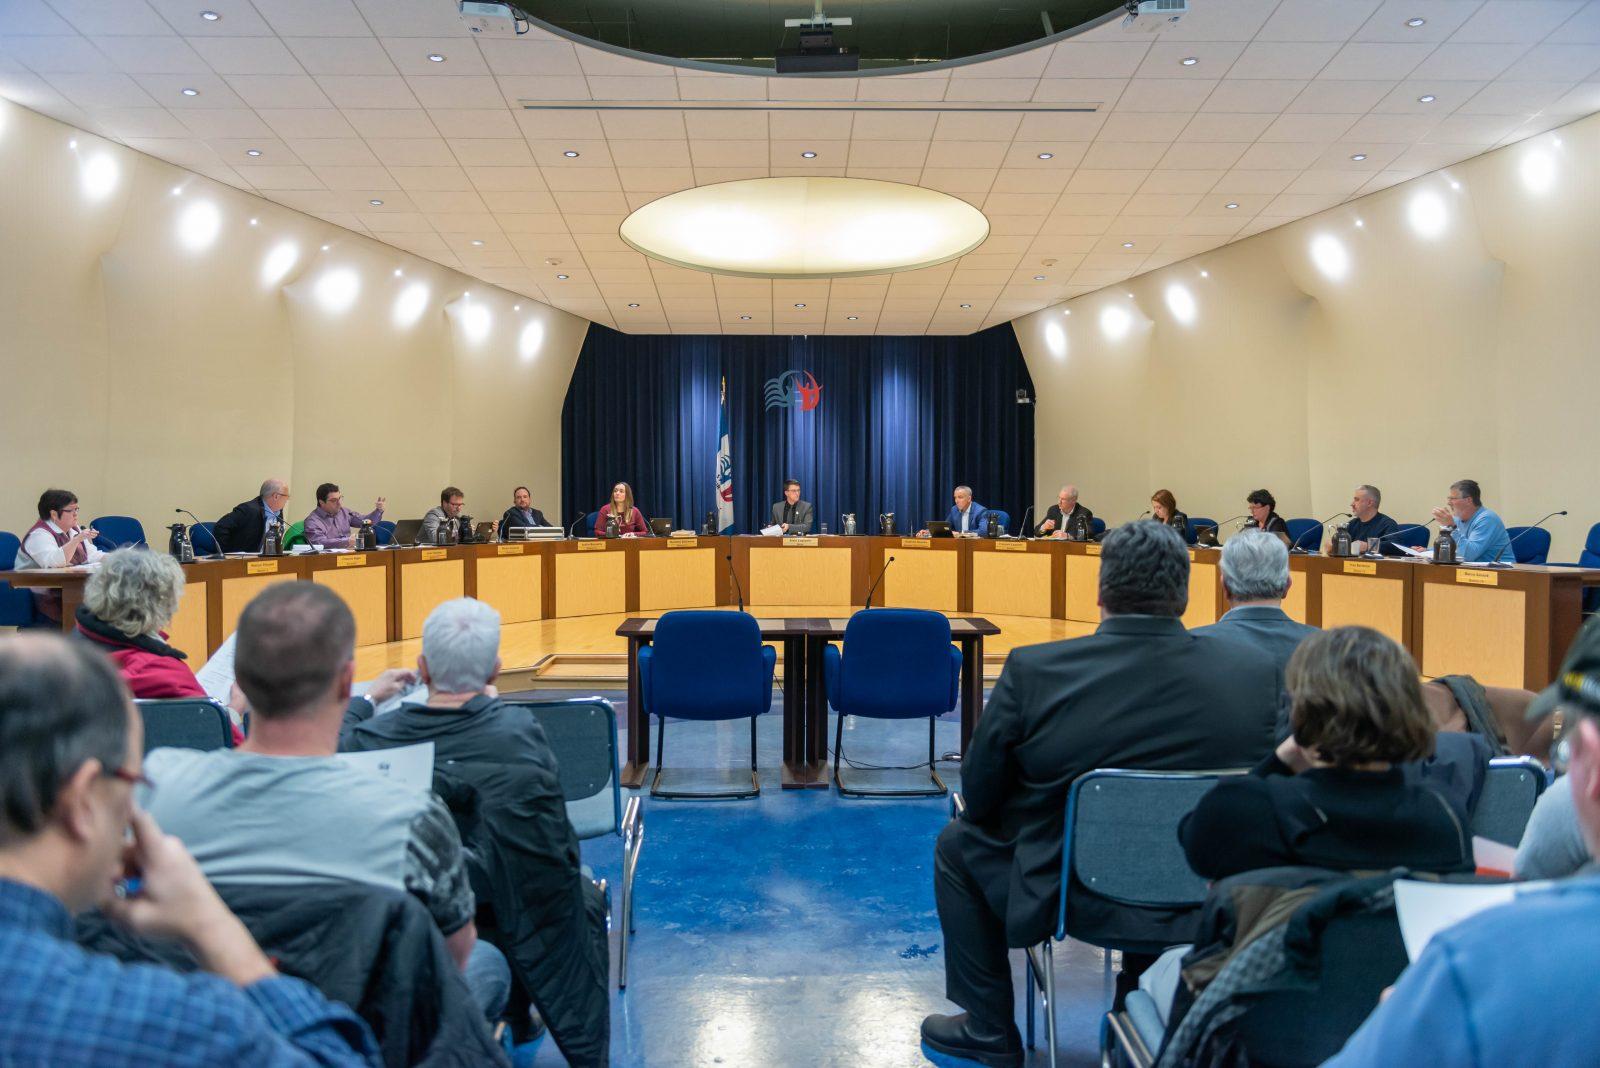 La Ville intente une poursuite de 540 000$ contre neuf partisans du maire